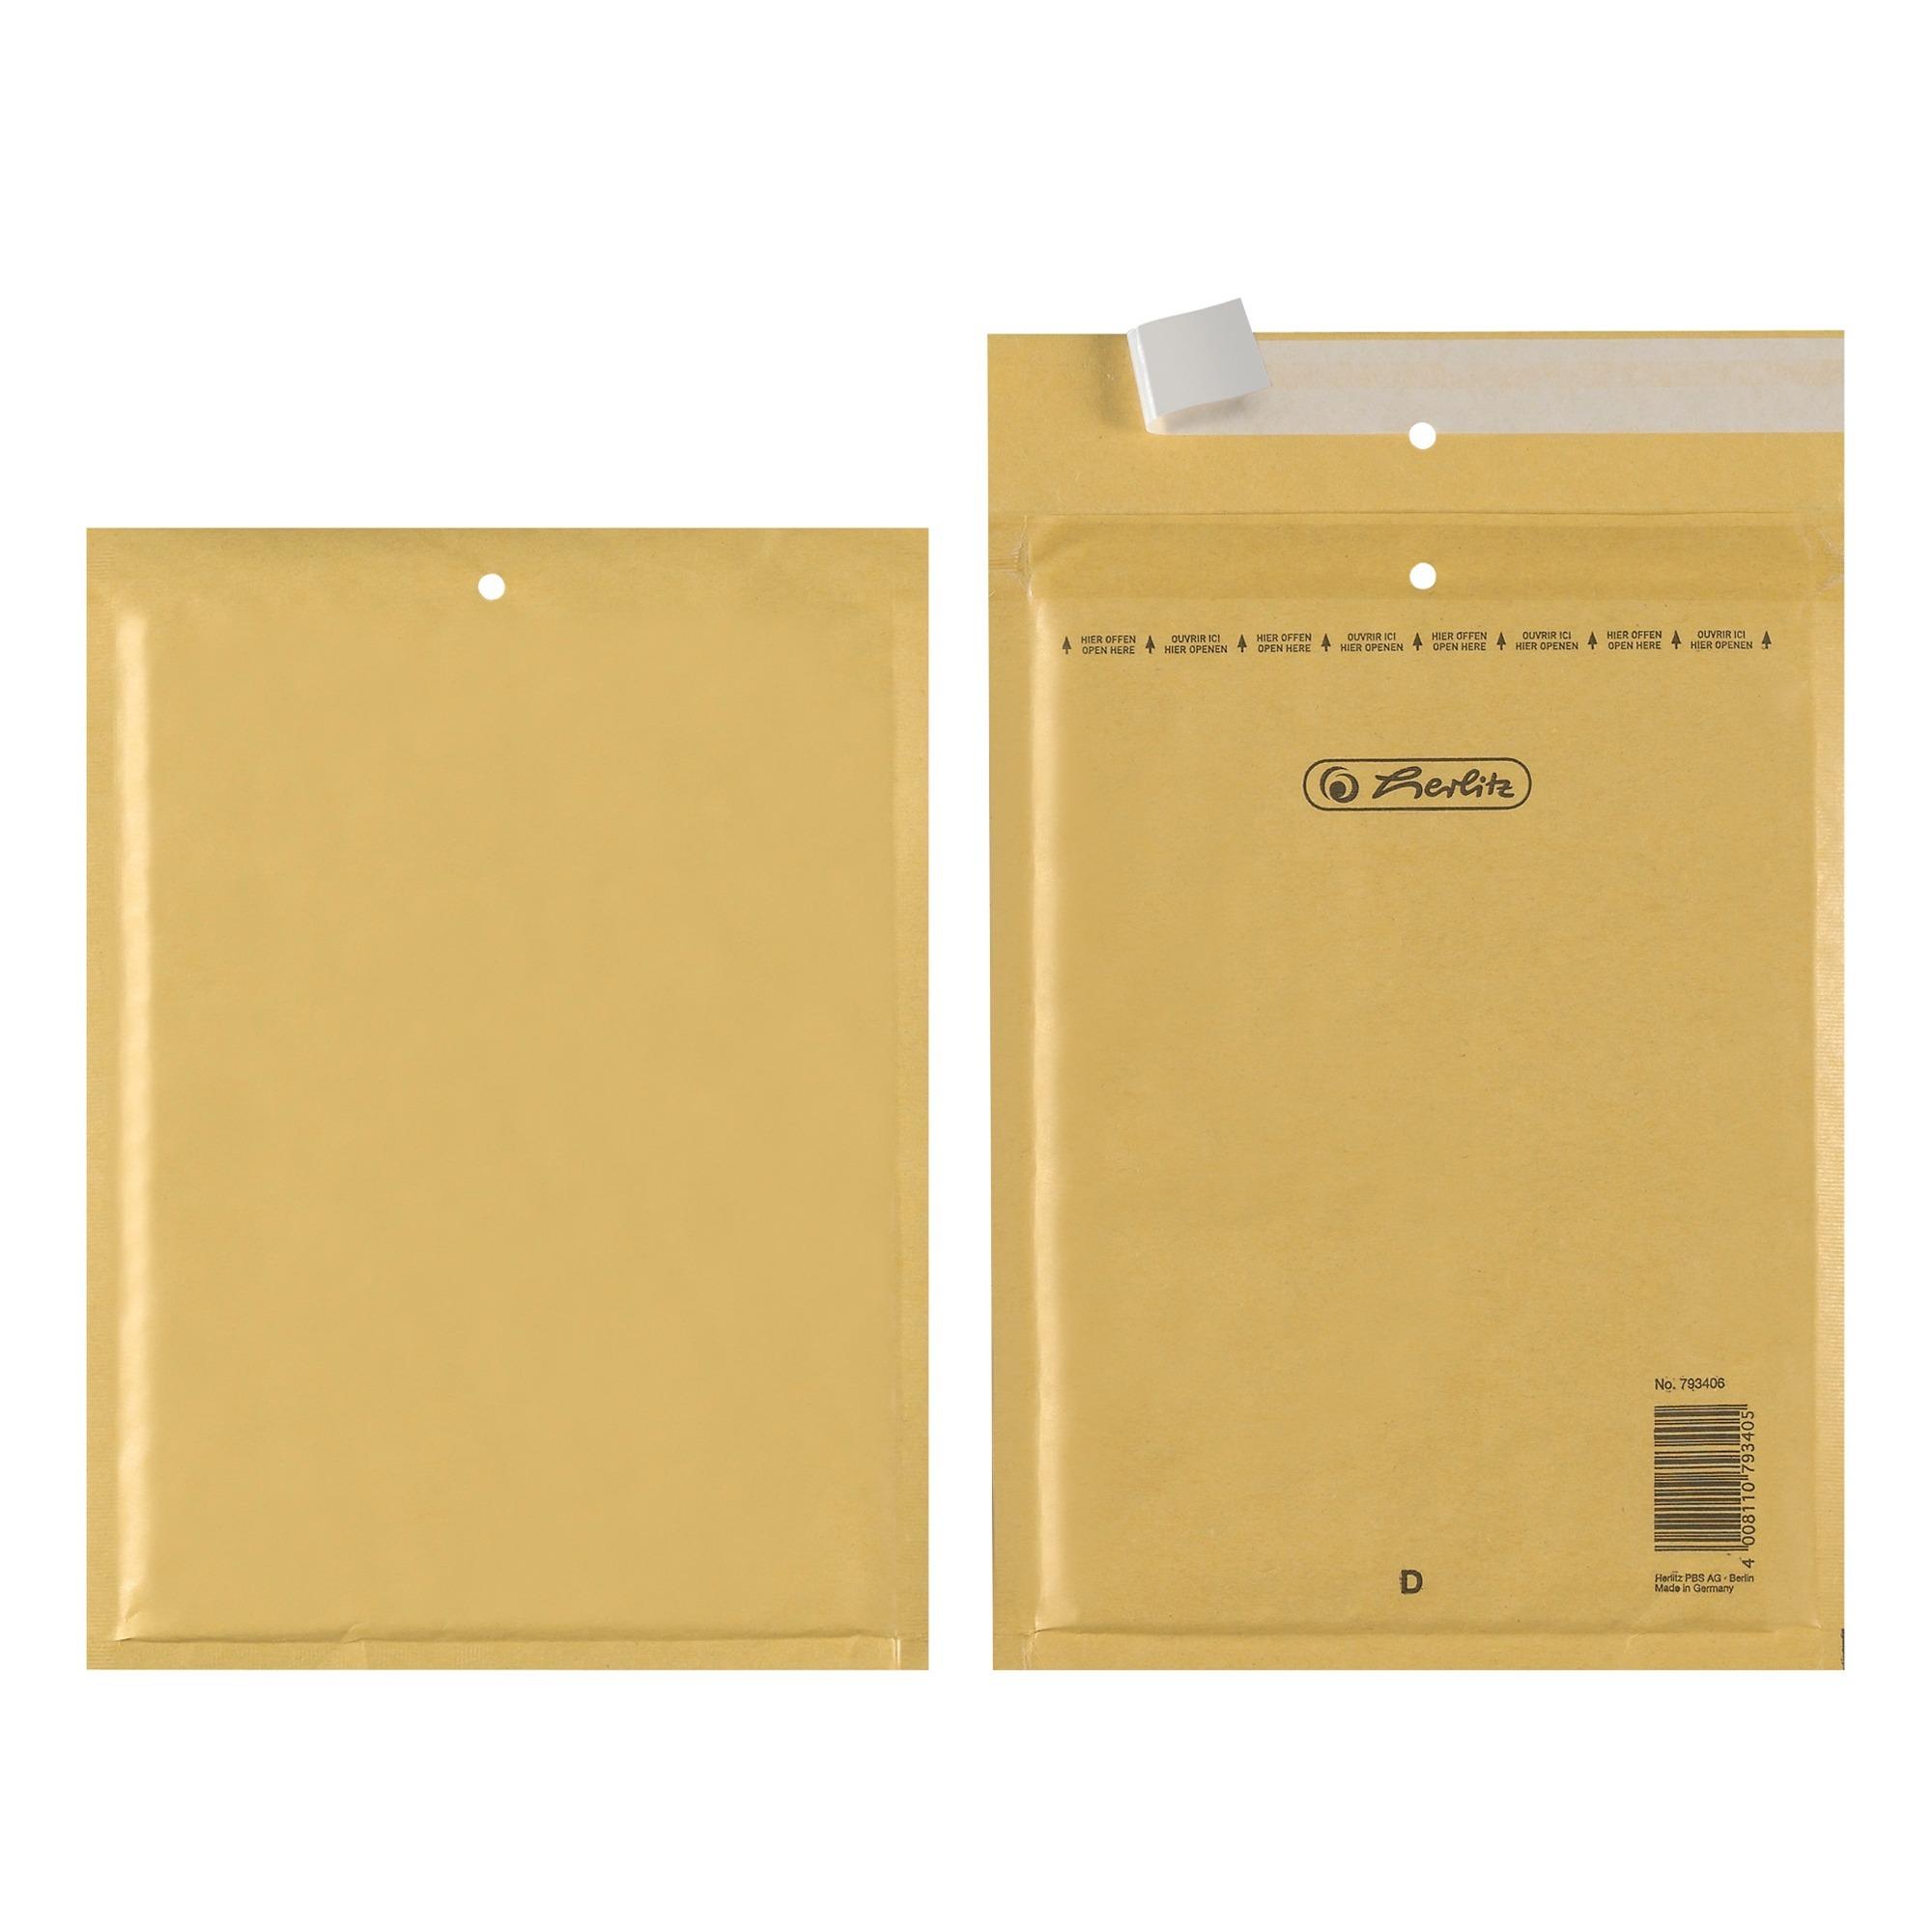 7934037 bolsa de papel Marrón, Sobre